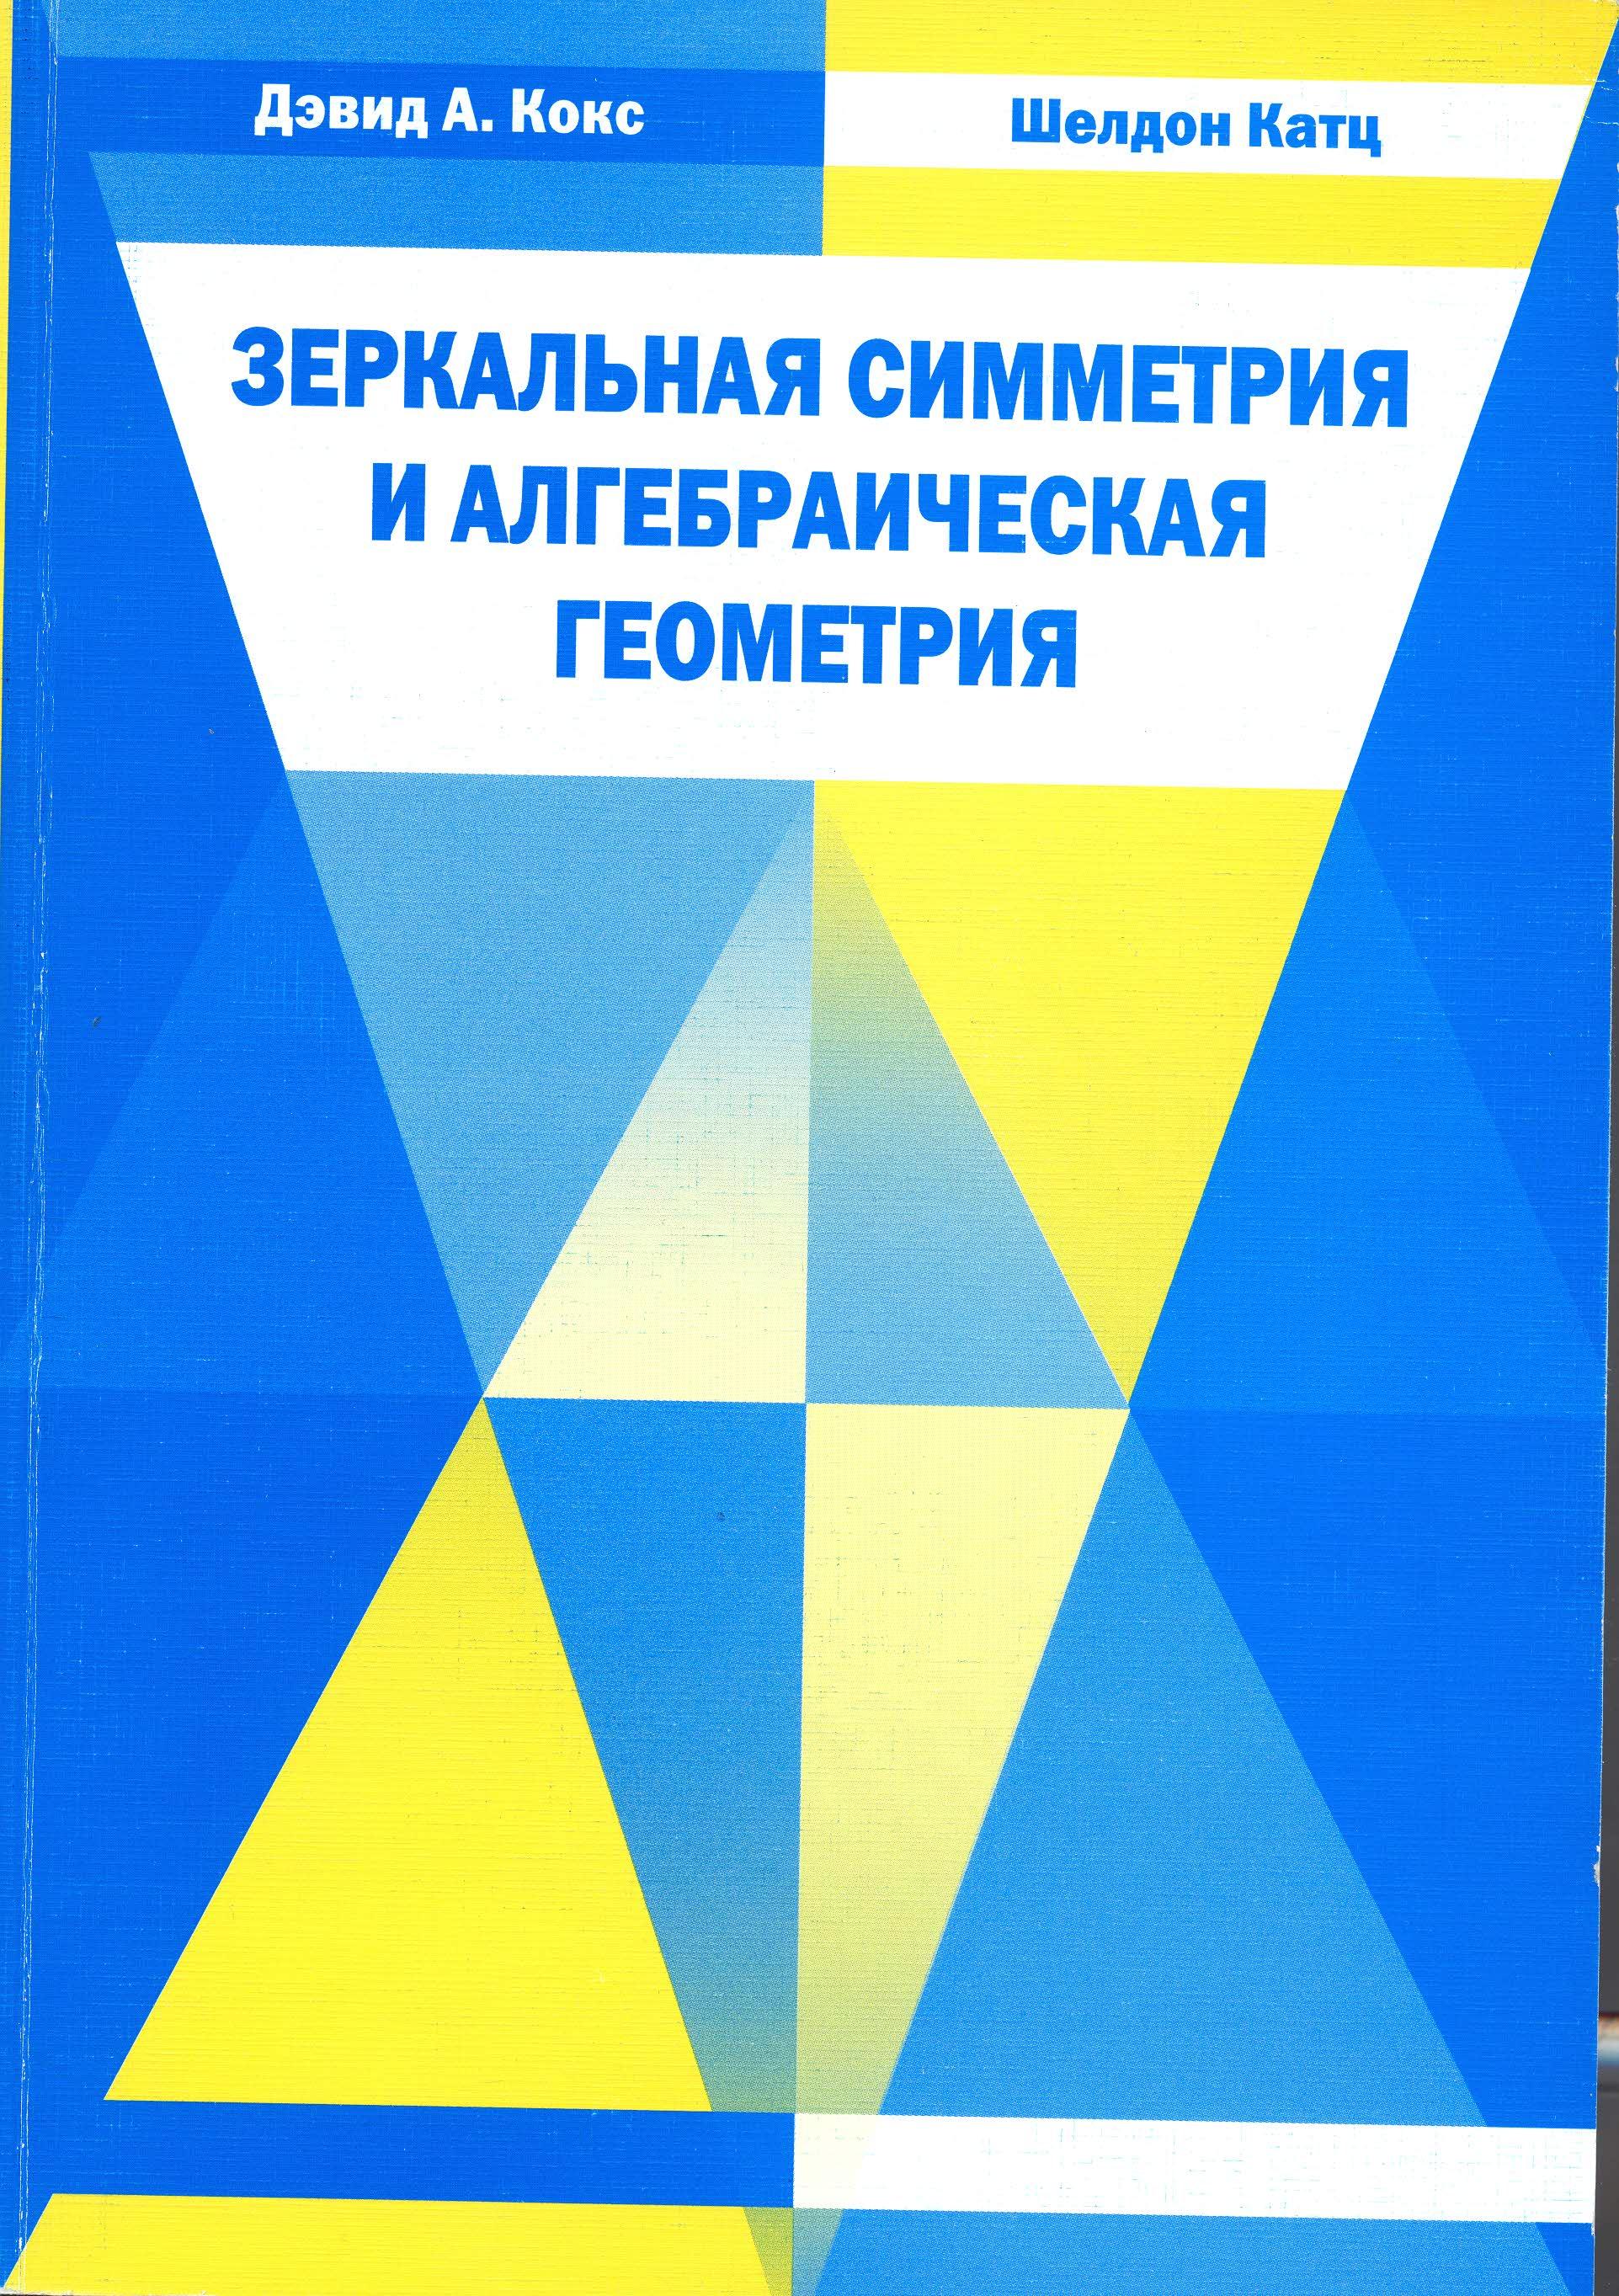 Зеркальная симметрия и алгебраическая геометрия